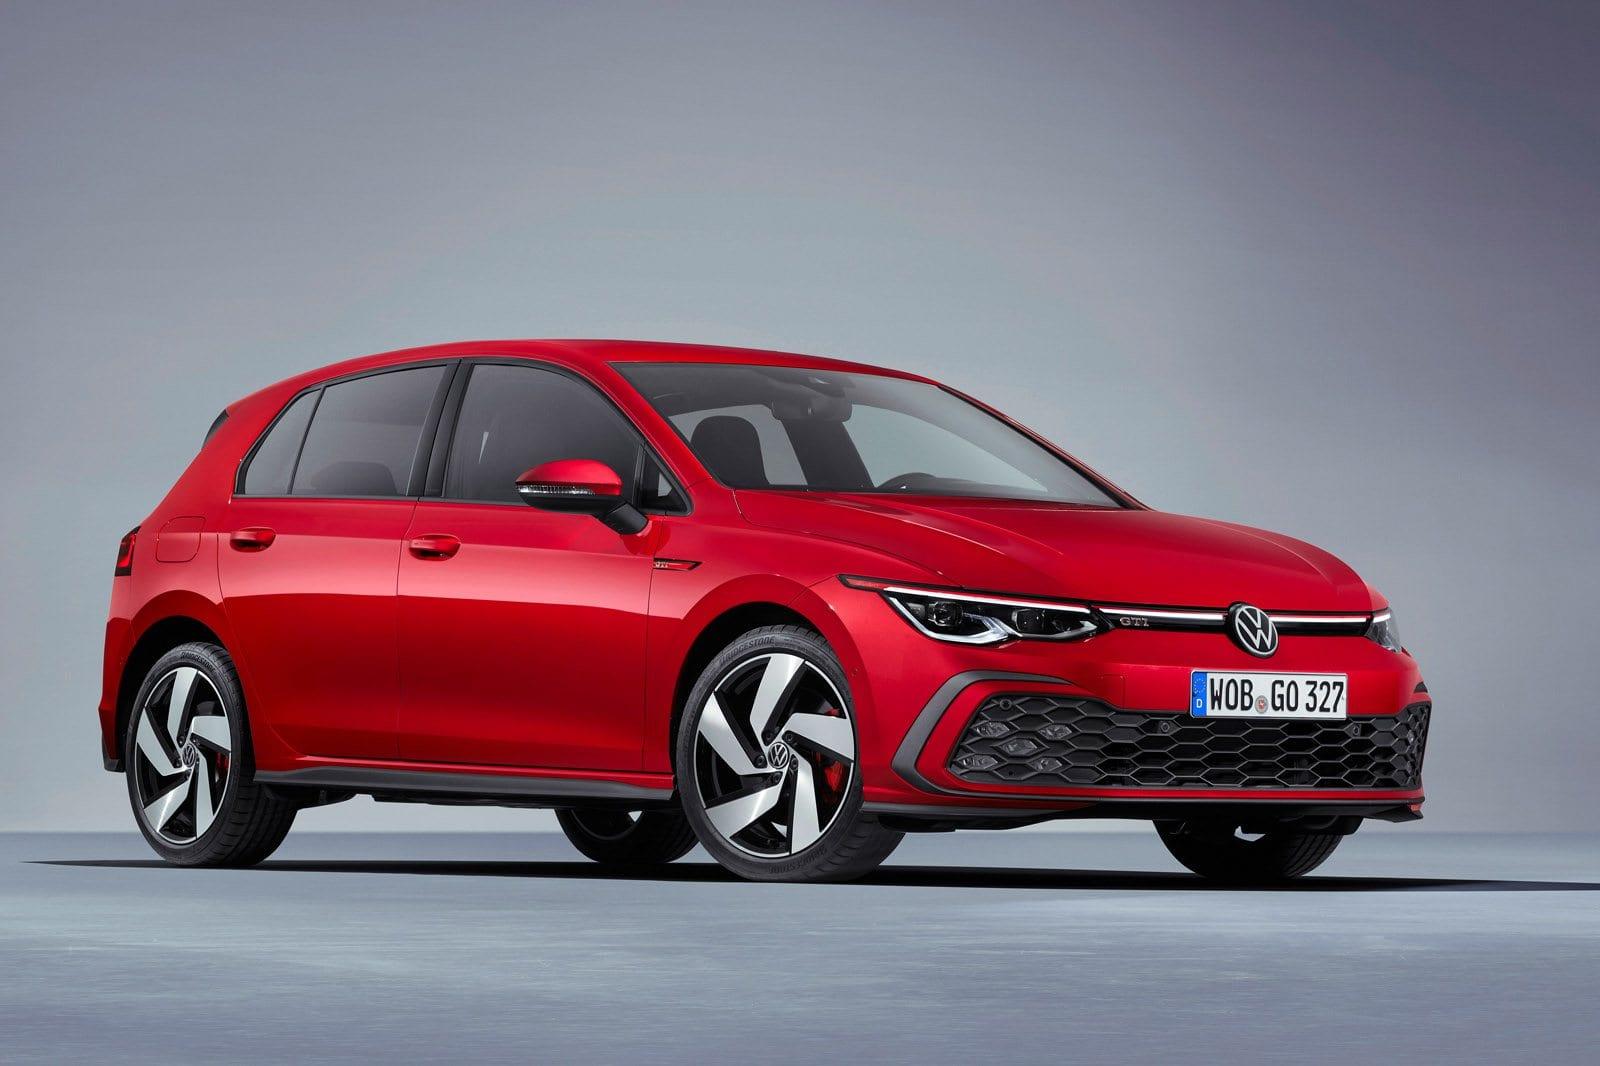 Volkswagen Golf Hatchback MK8 1.4TSI GTE DSG